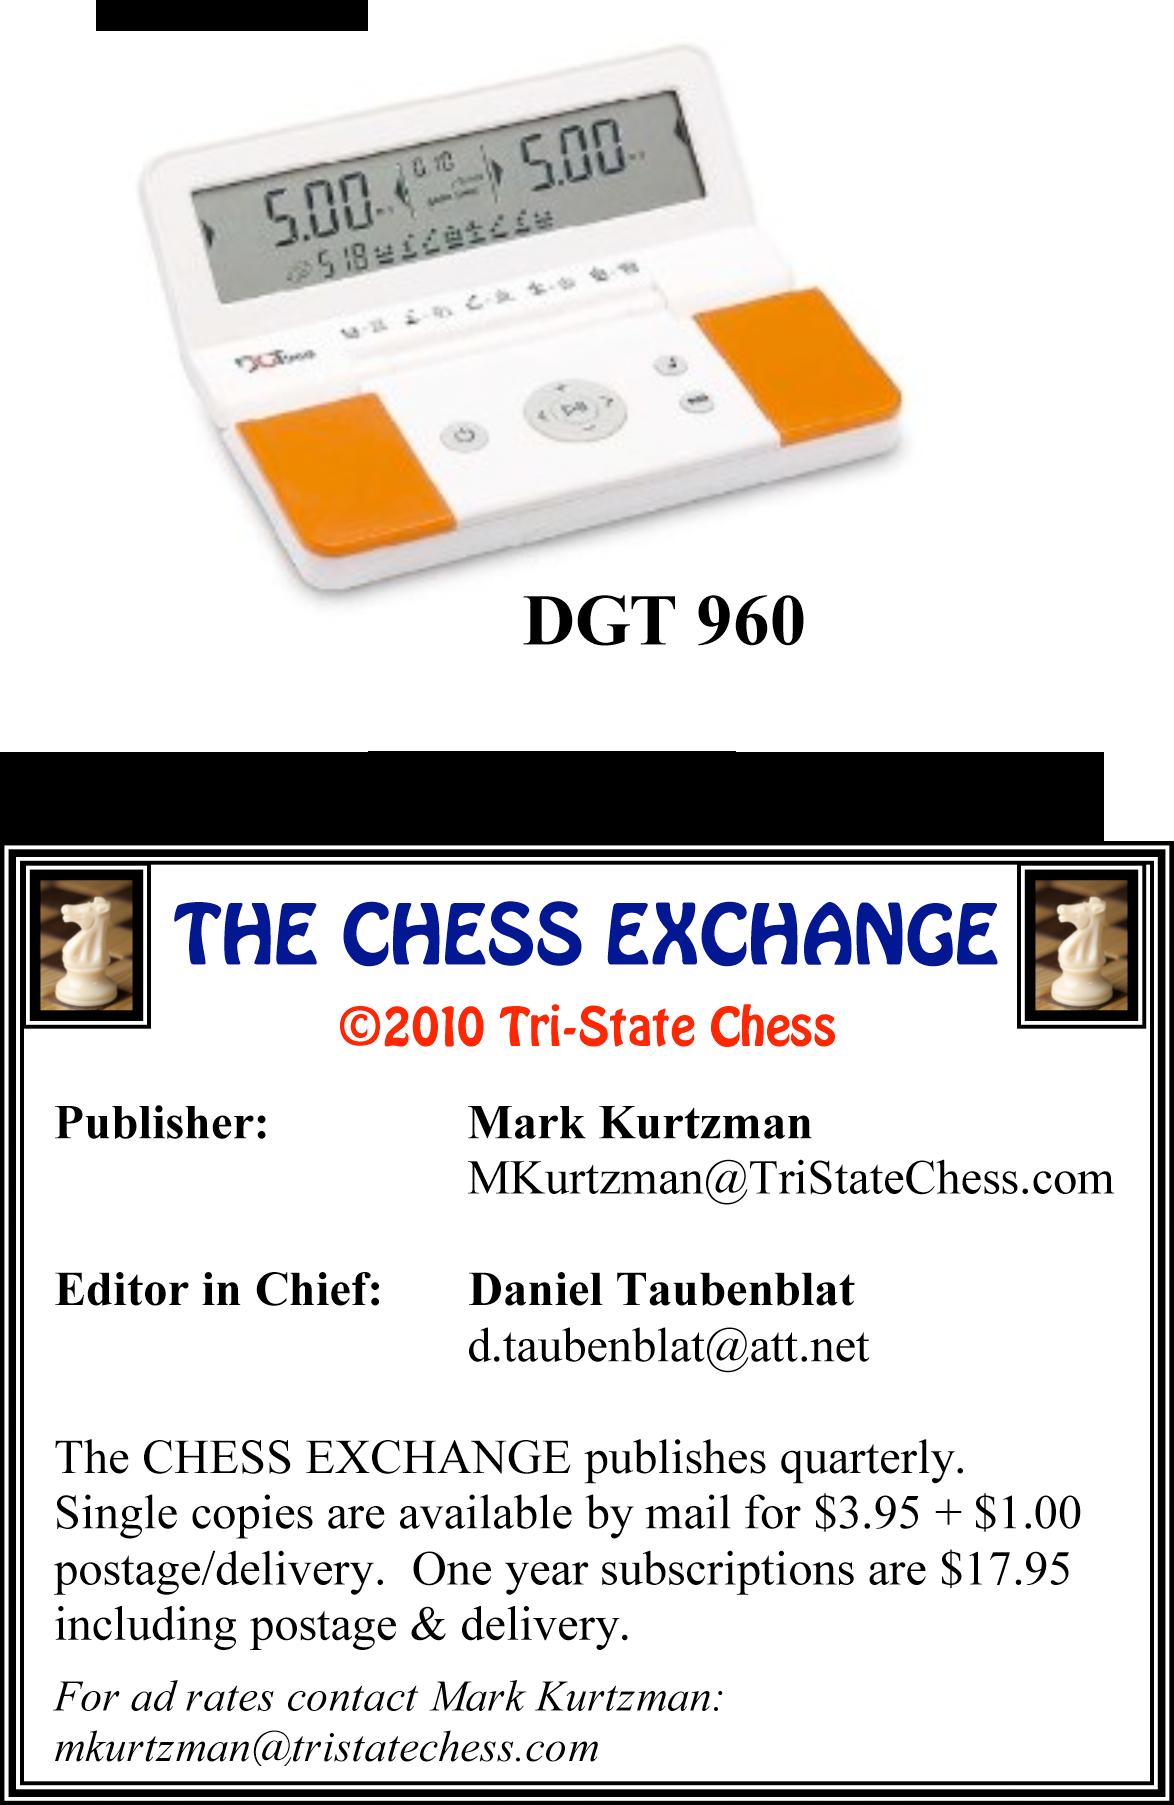 chrchil1 (207K)